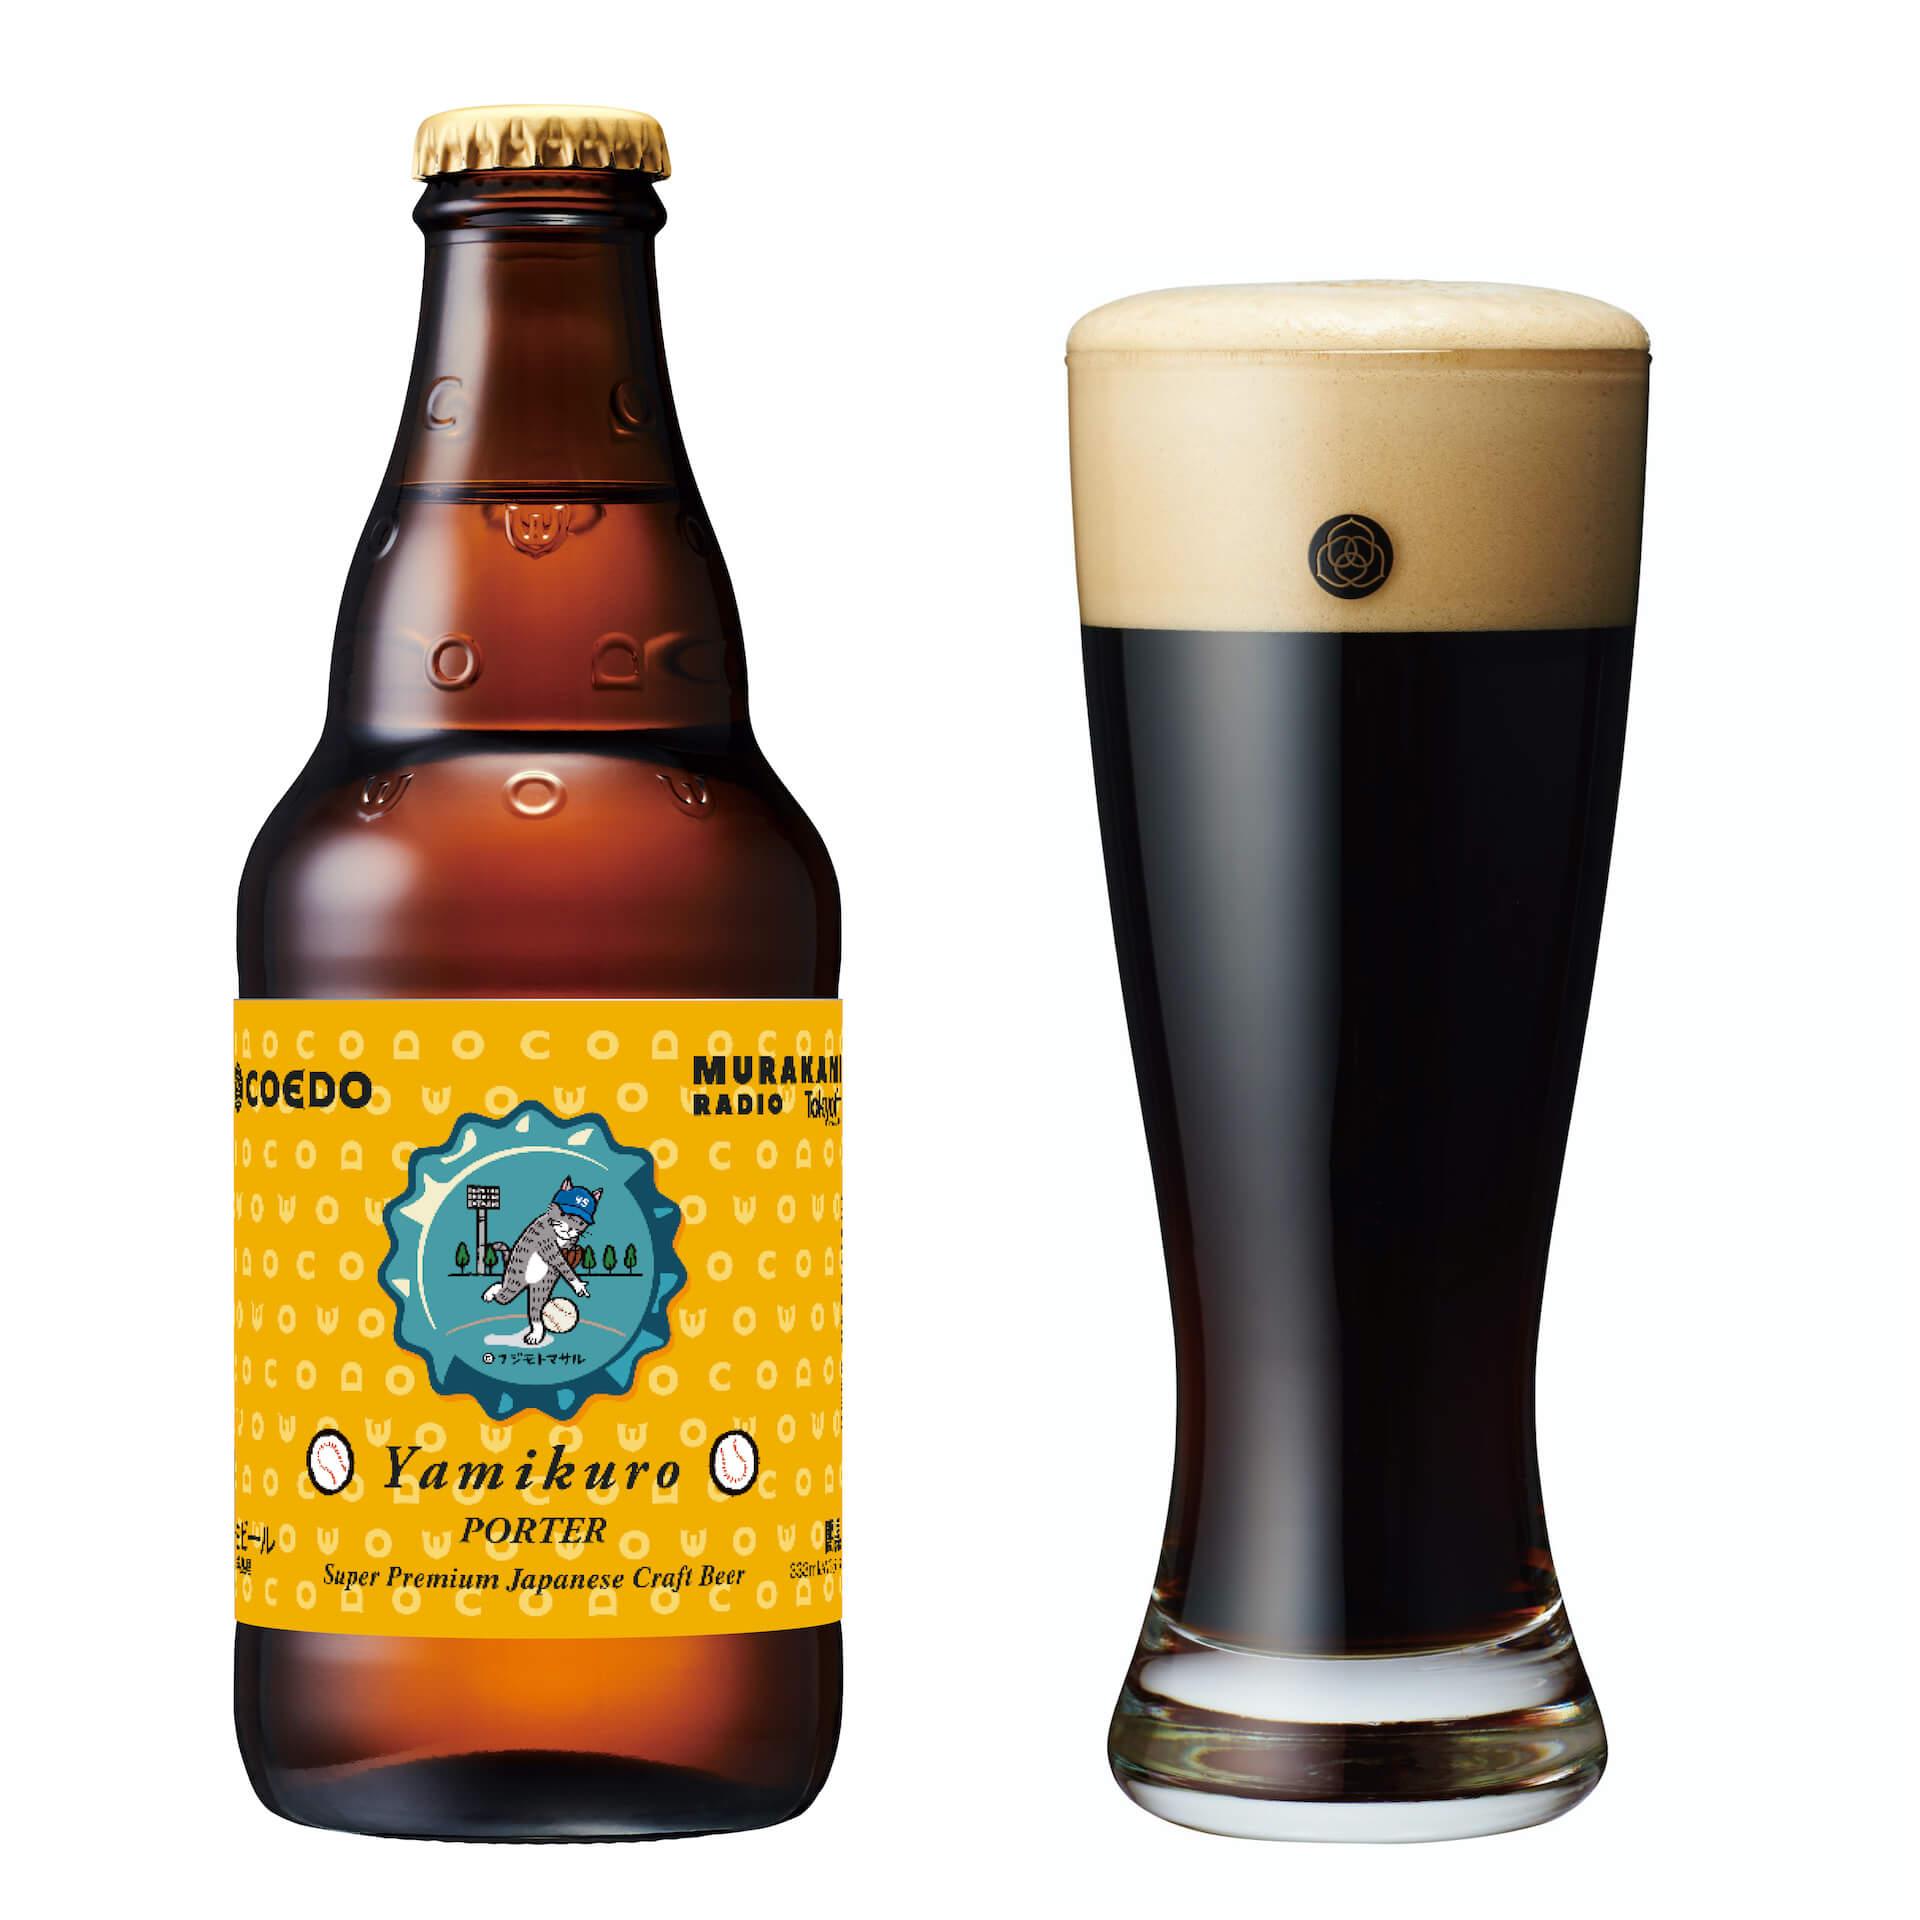 村上春樹とCOEDOのコラボレーションビール『風歌-Kazeuta-』『闇黒-Yamikuro-』が数量限定で予約販売開始! gourmet210927_koedo_harukimurakami_02